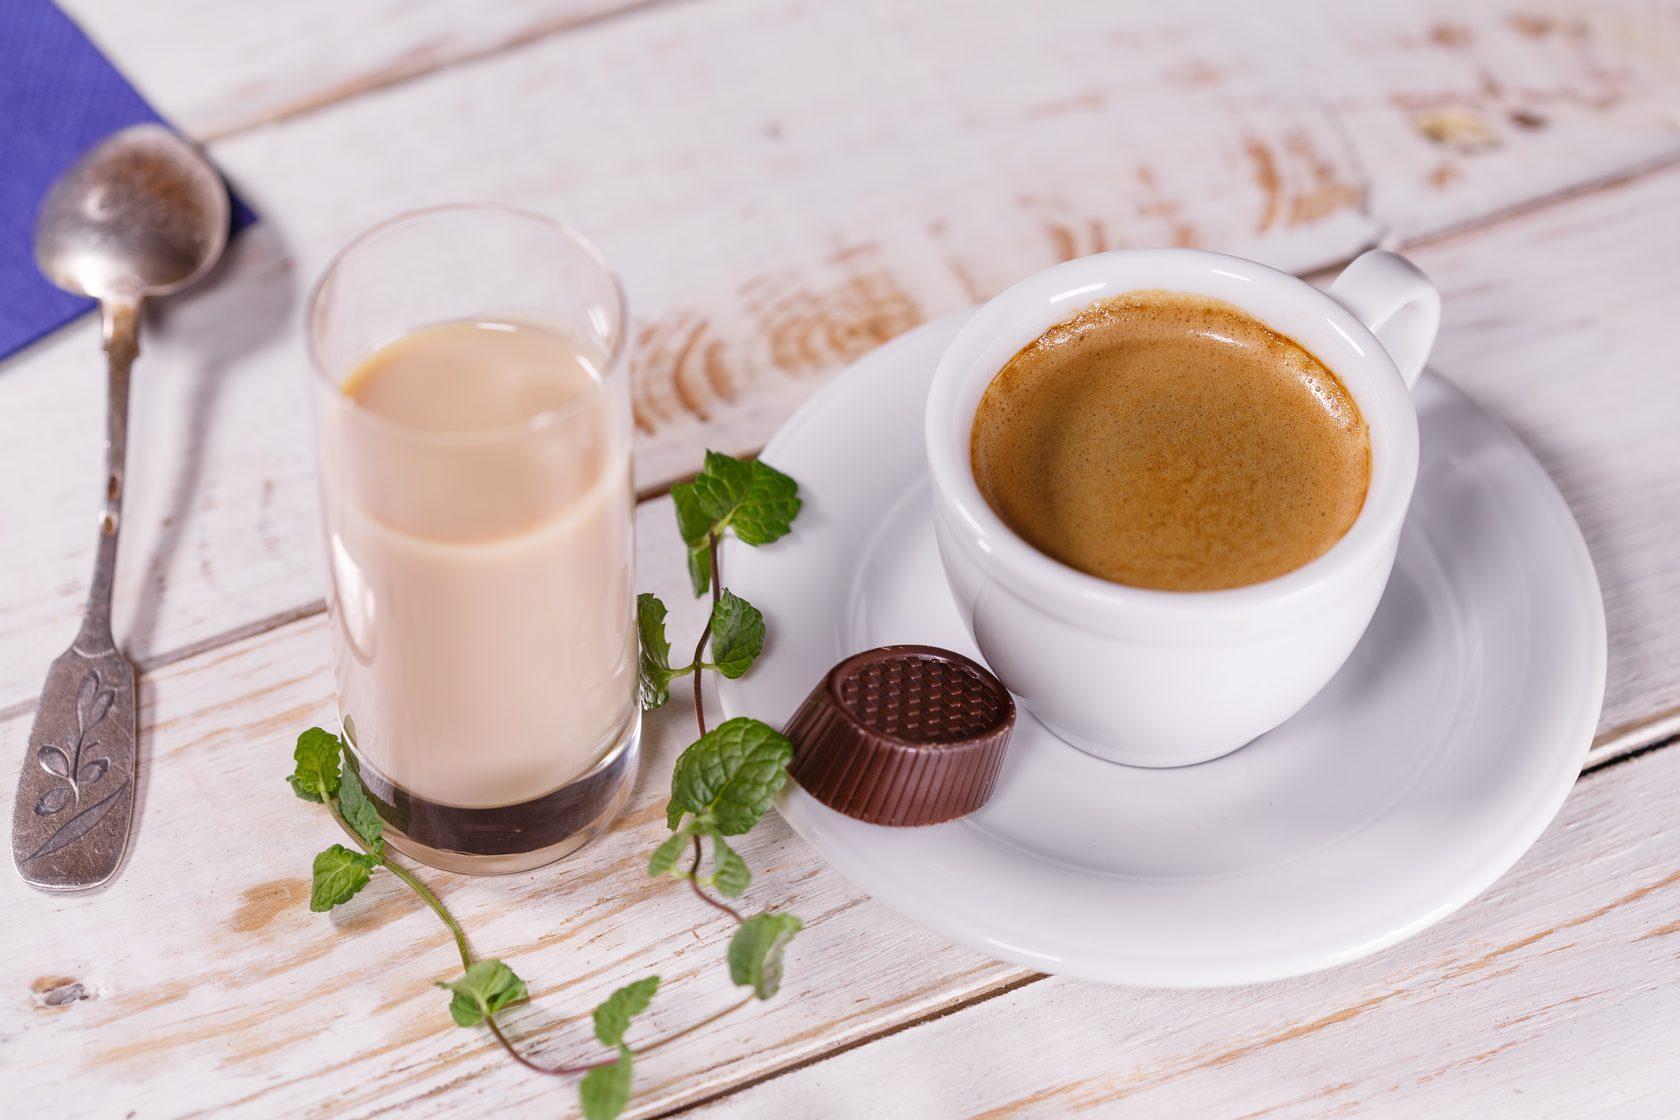 Несколько рецептов приготовления кофе по-венски с фото рекомендации